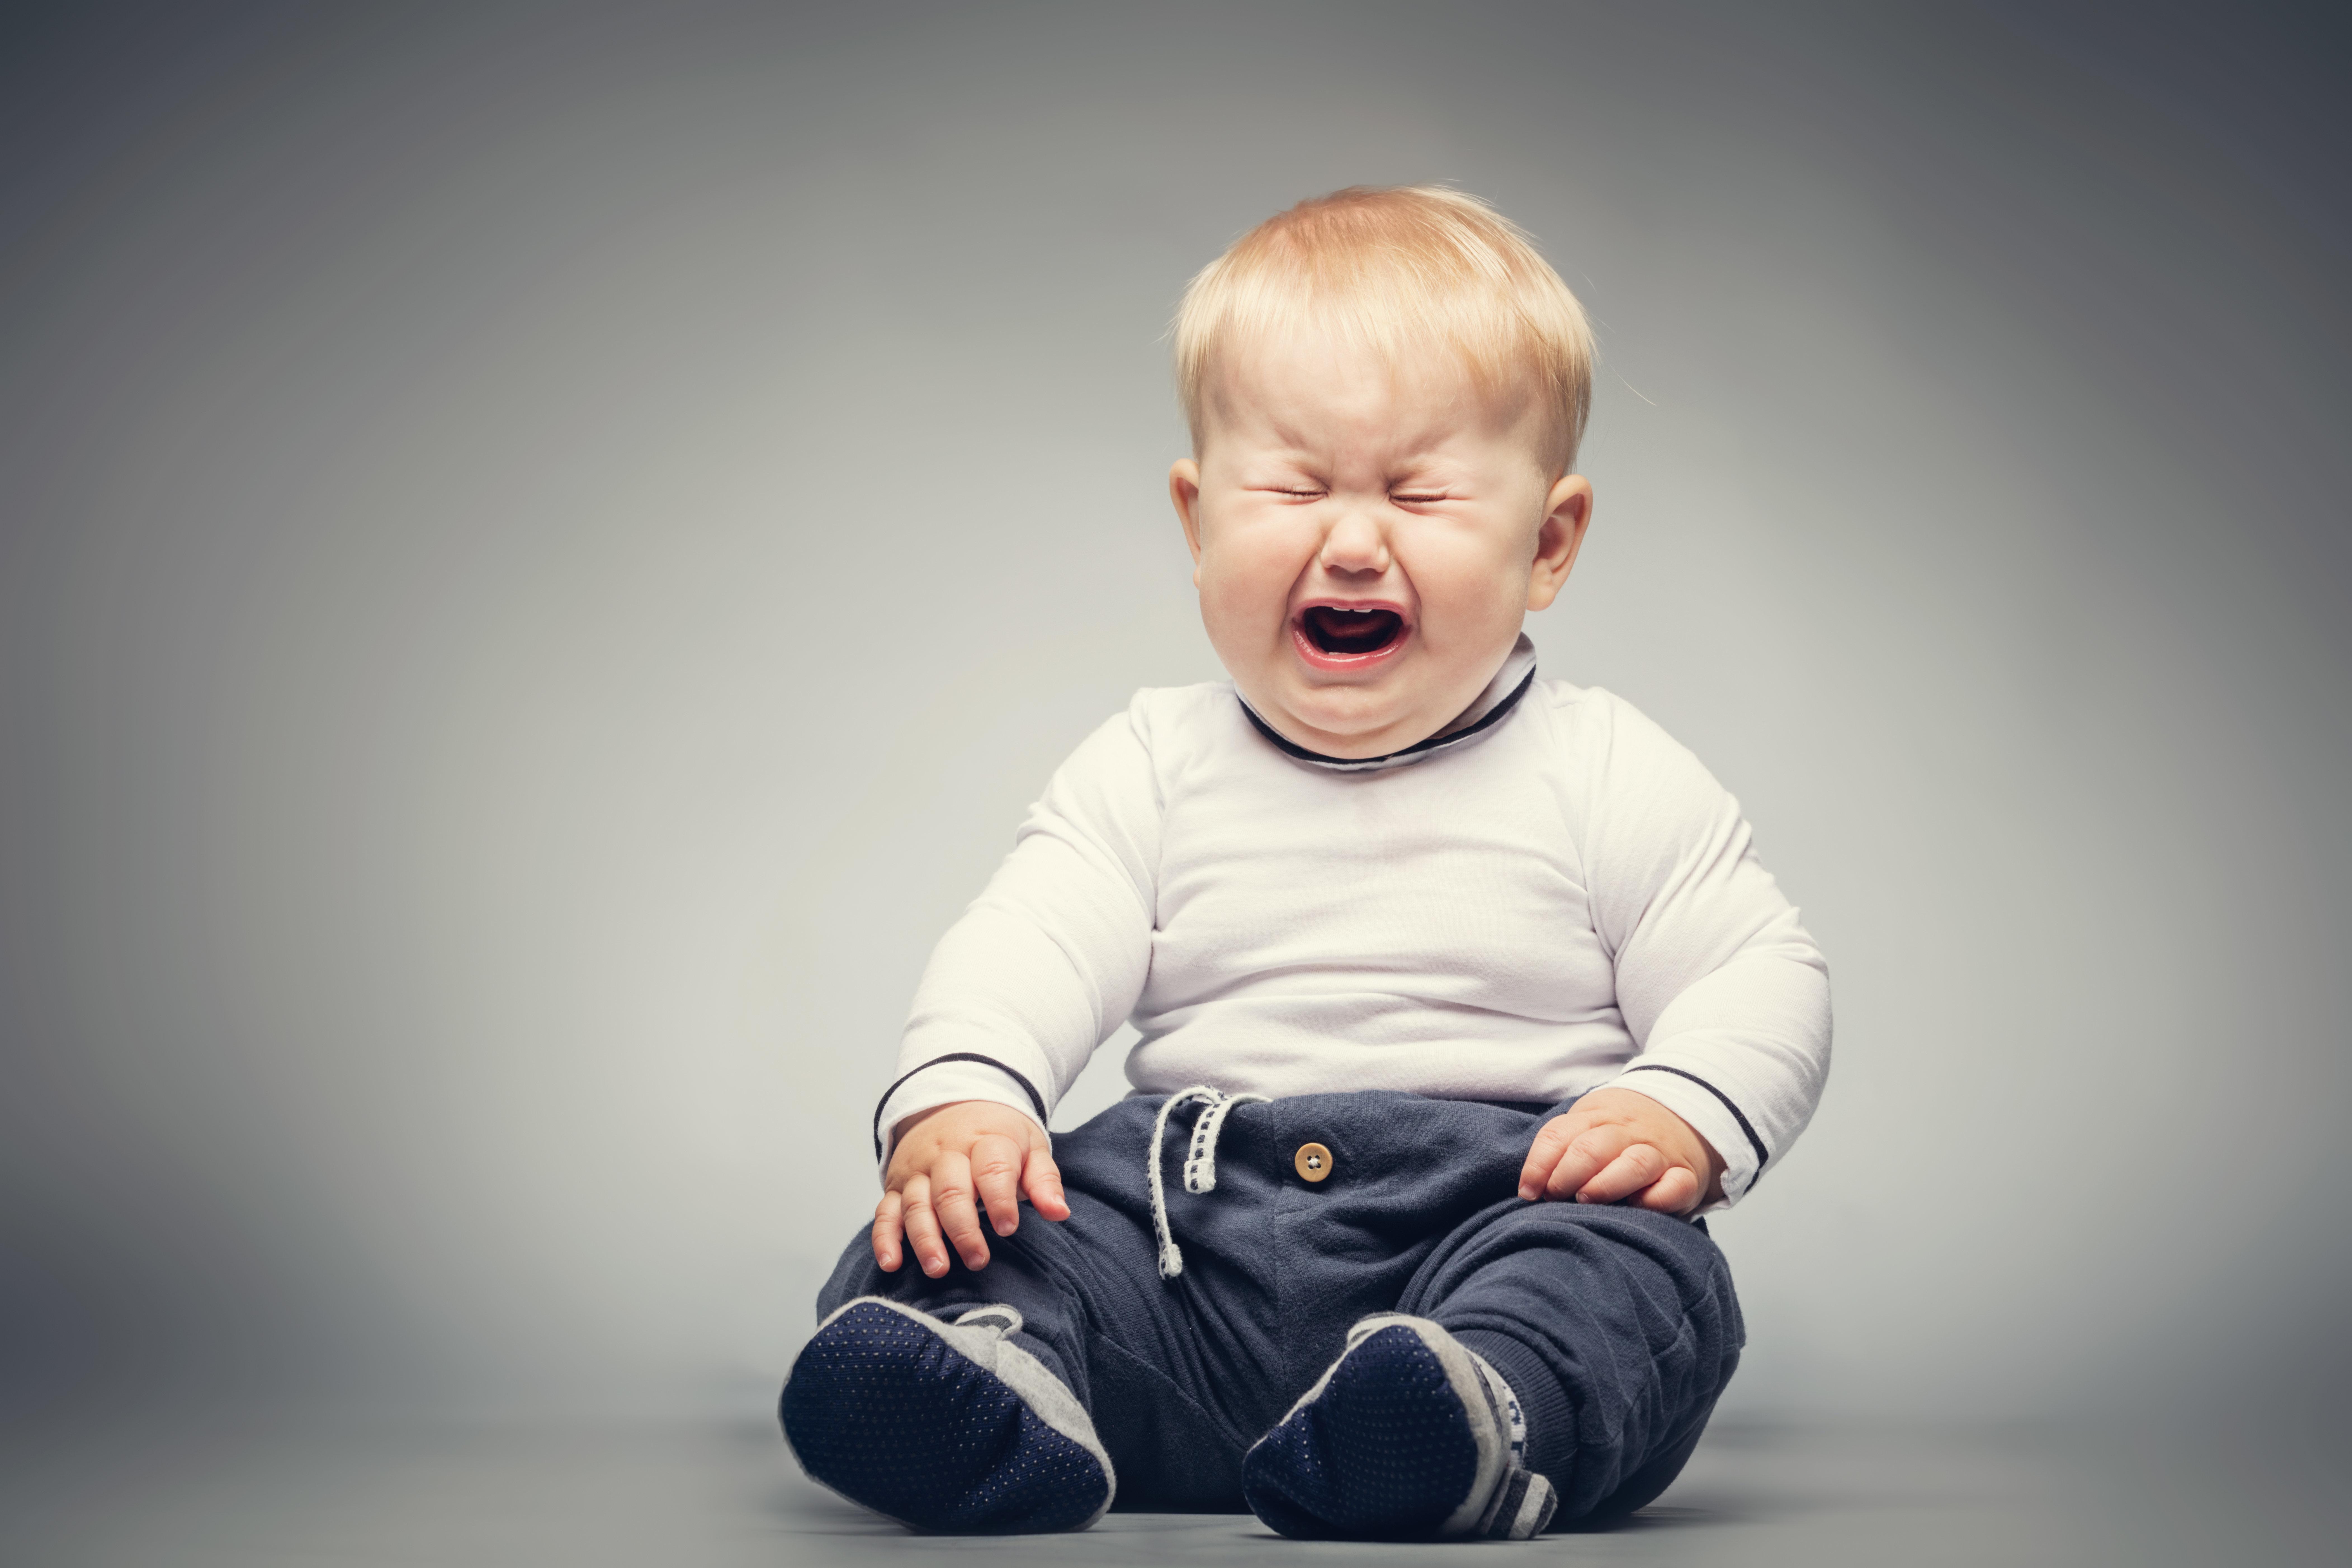 Τι λένε τα μωρά όταν κλαίνε; Έλληνες επιστήμονες μετατρέπουν το βρεφικό κλάμα σε